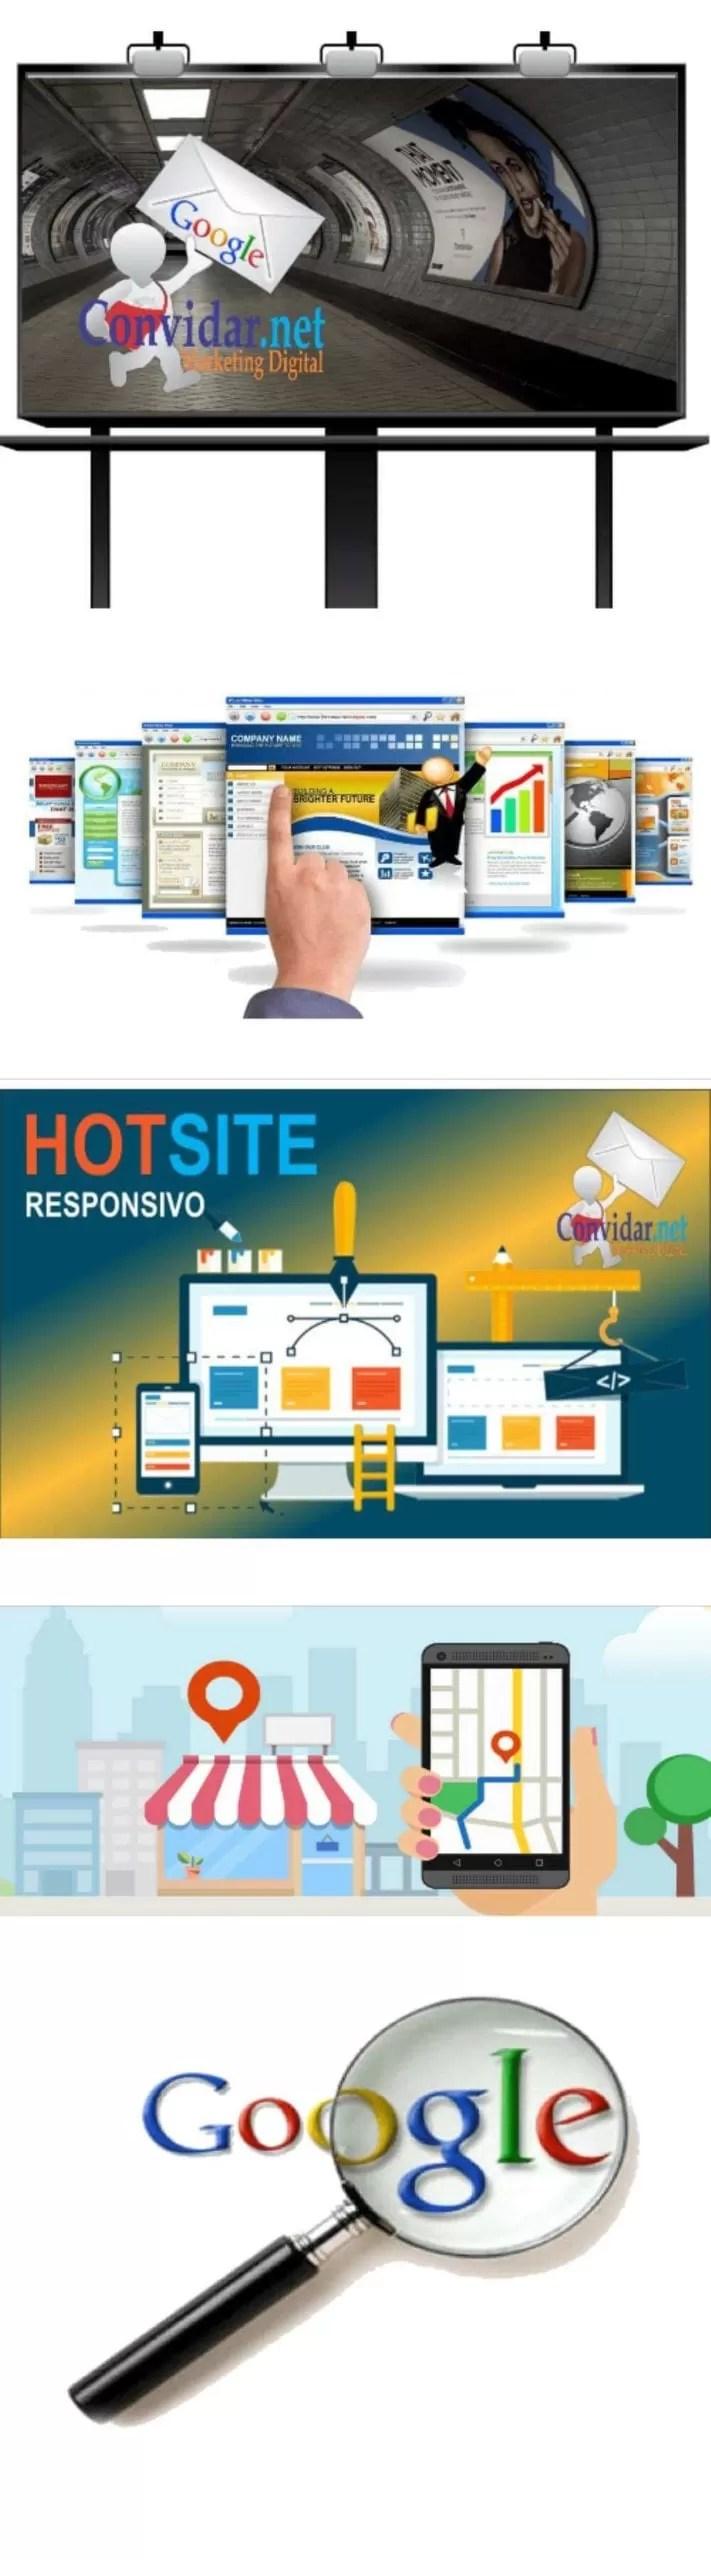 Plano Marketing Digital Simplificado | Páginas de anúncio, classificados e divulgação